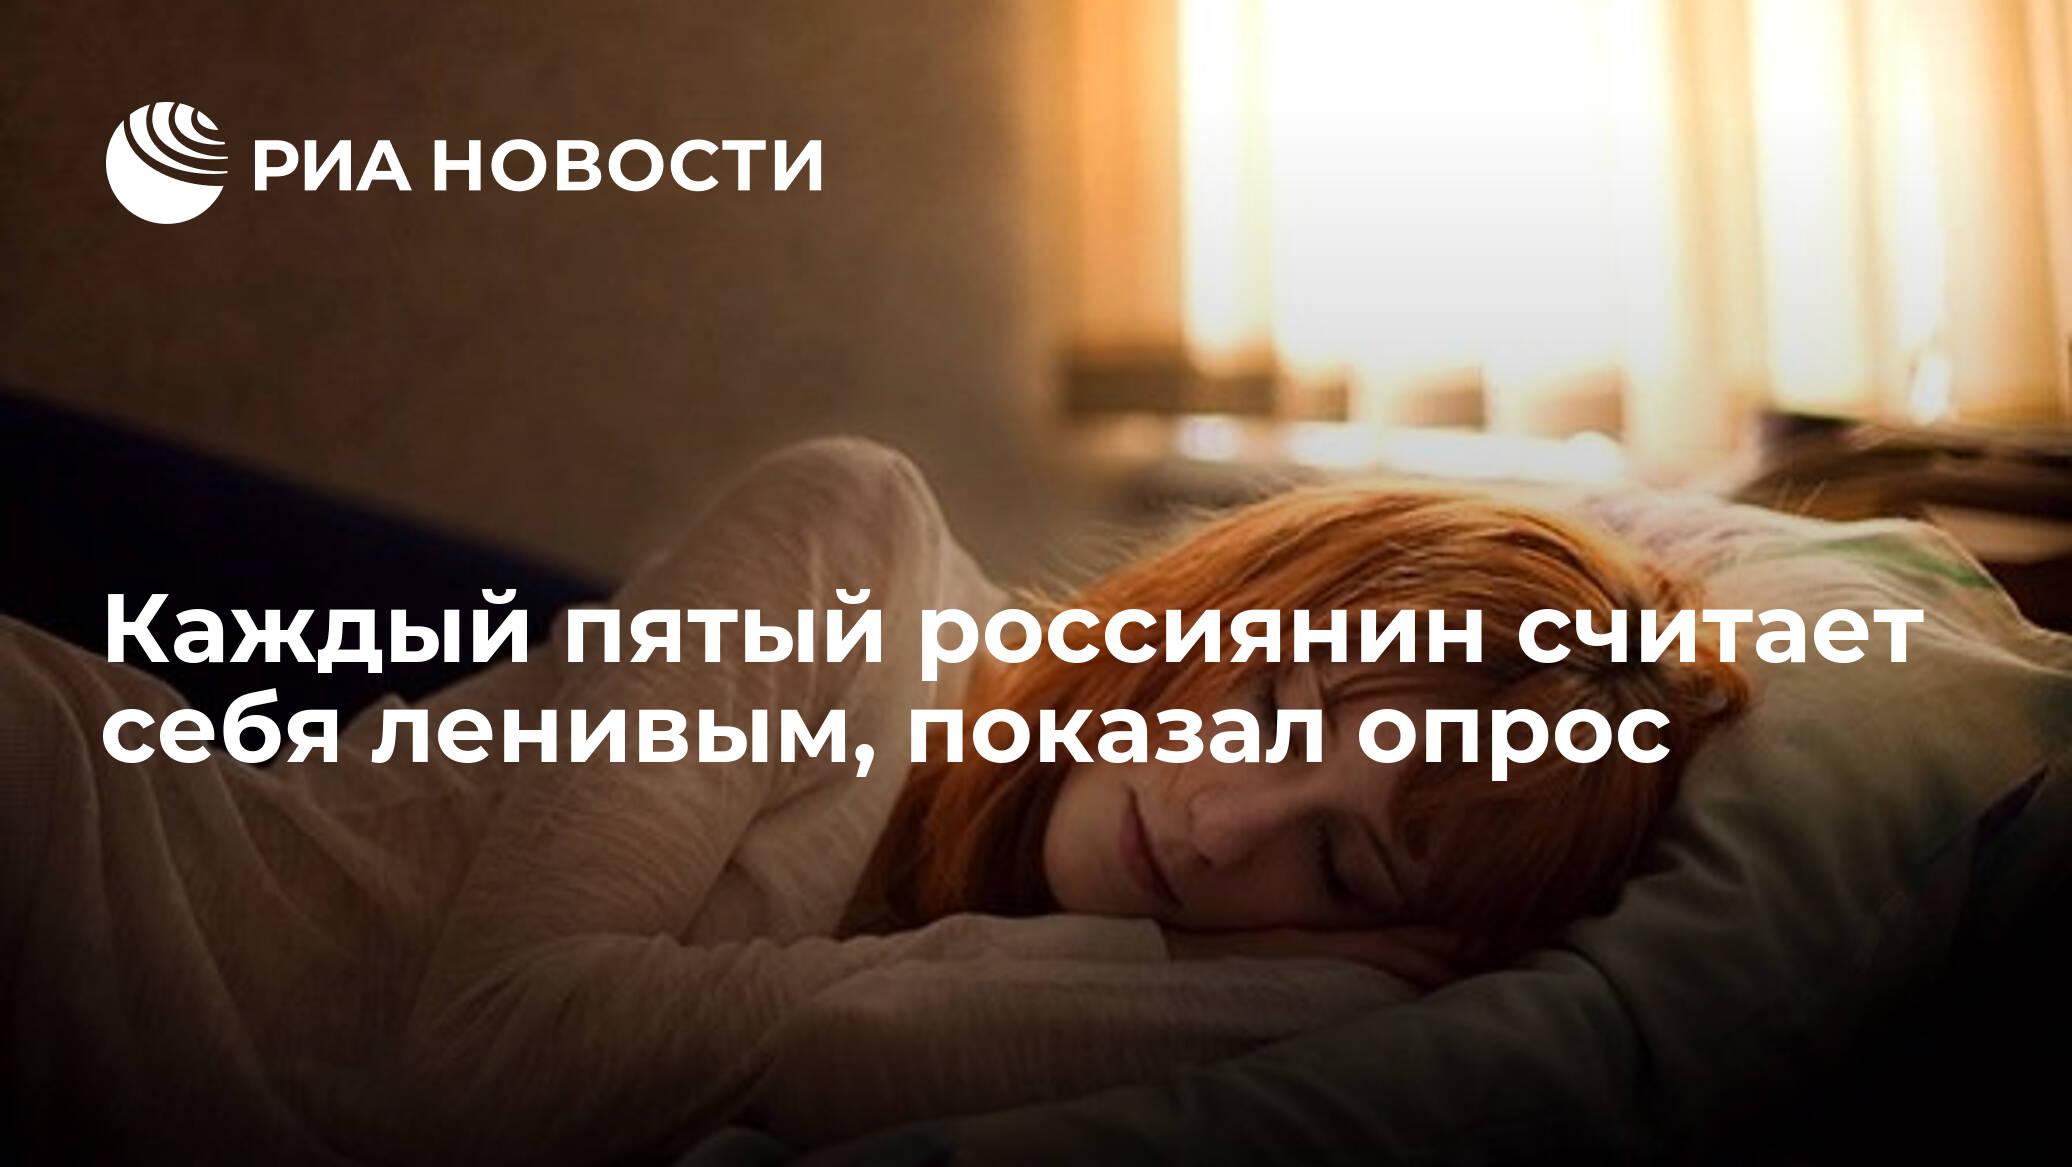 Каждый пятый россиянин считает себя ленивым, показал опрос